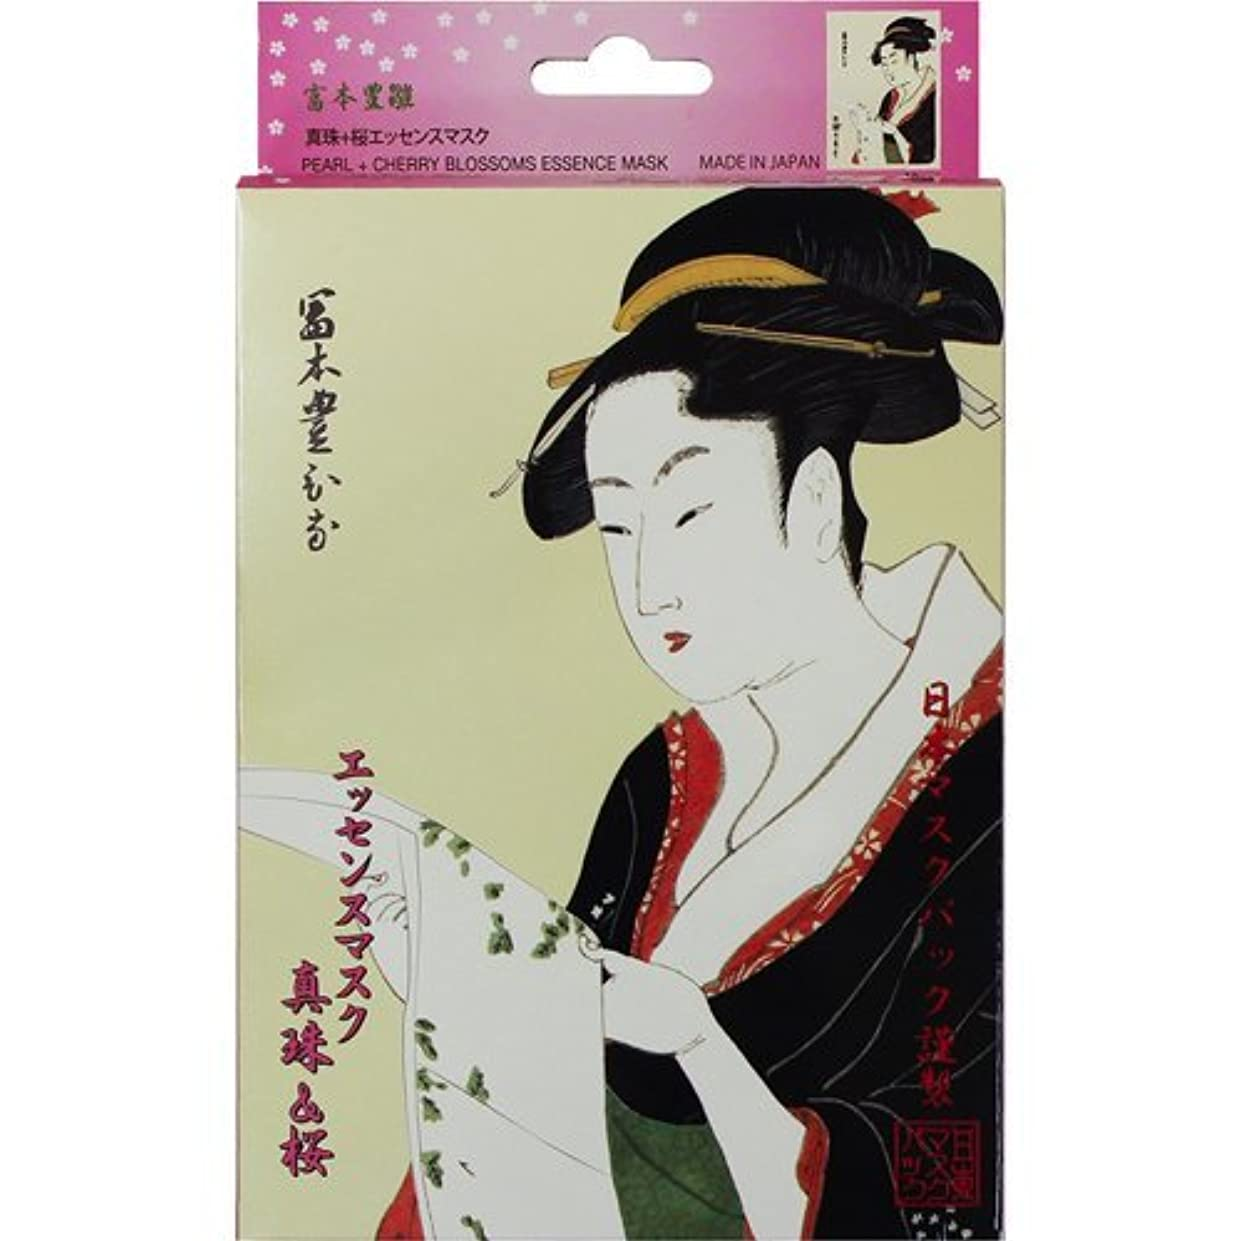 メイド裕福な習熟度エッセンスマスク +桜10枚